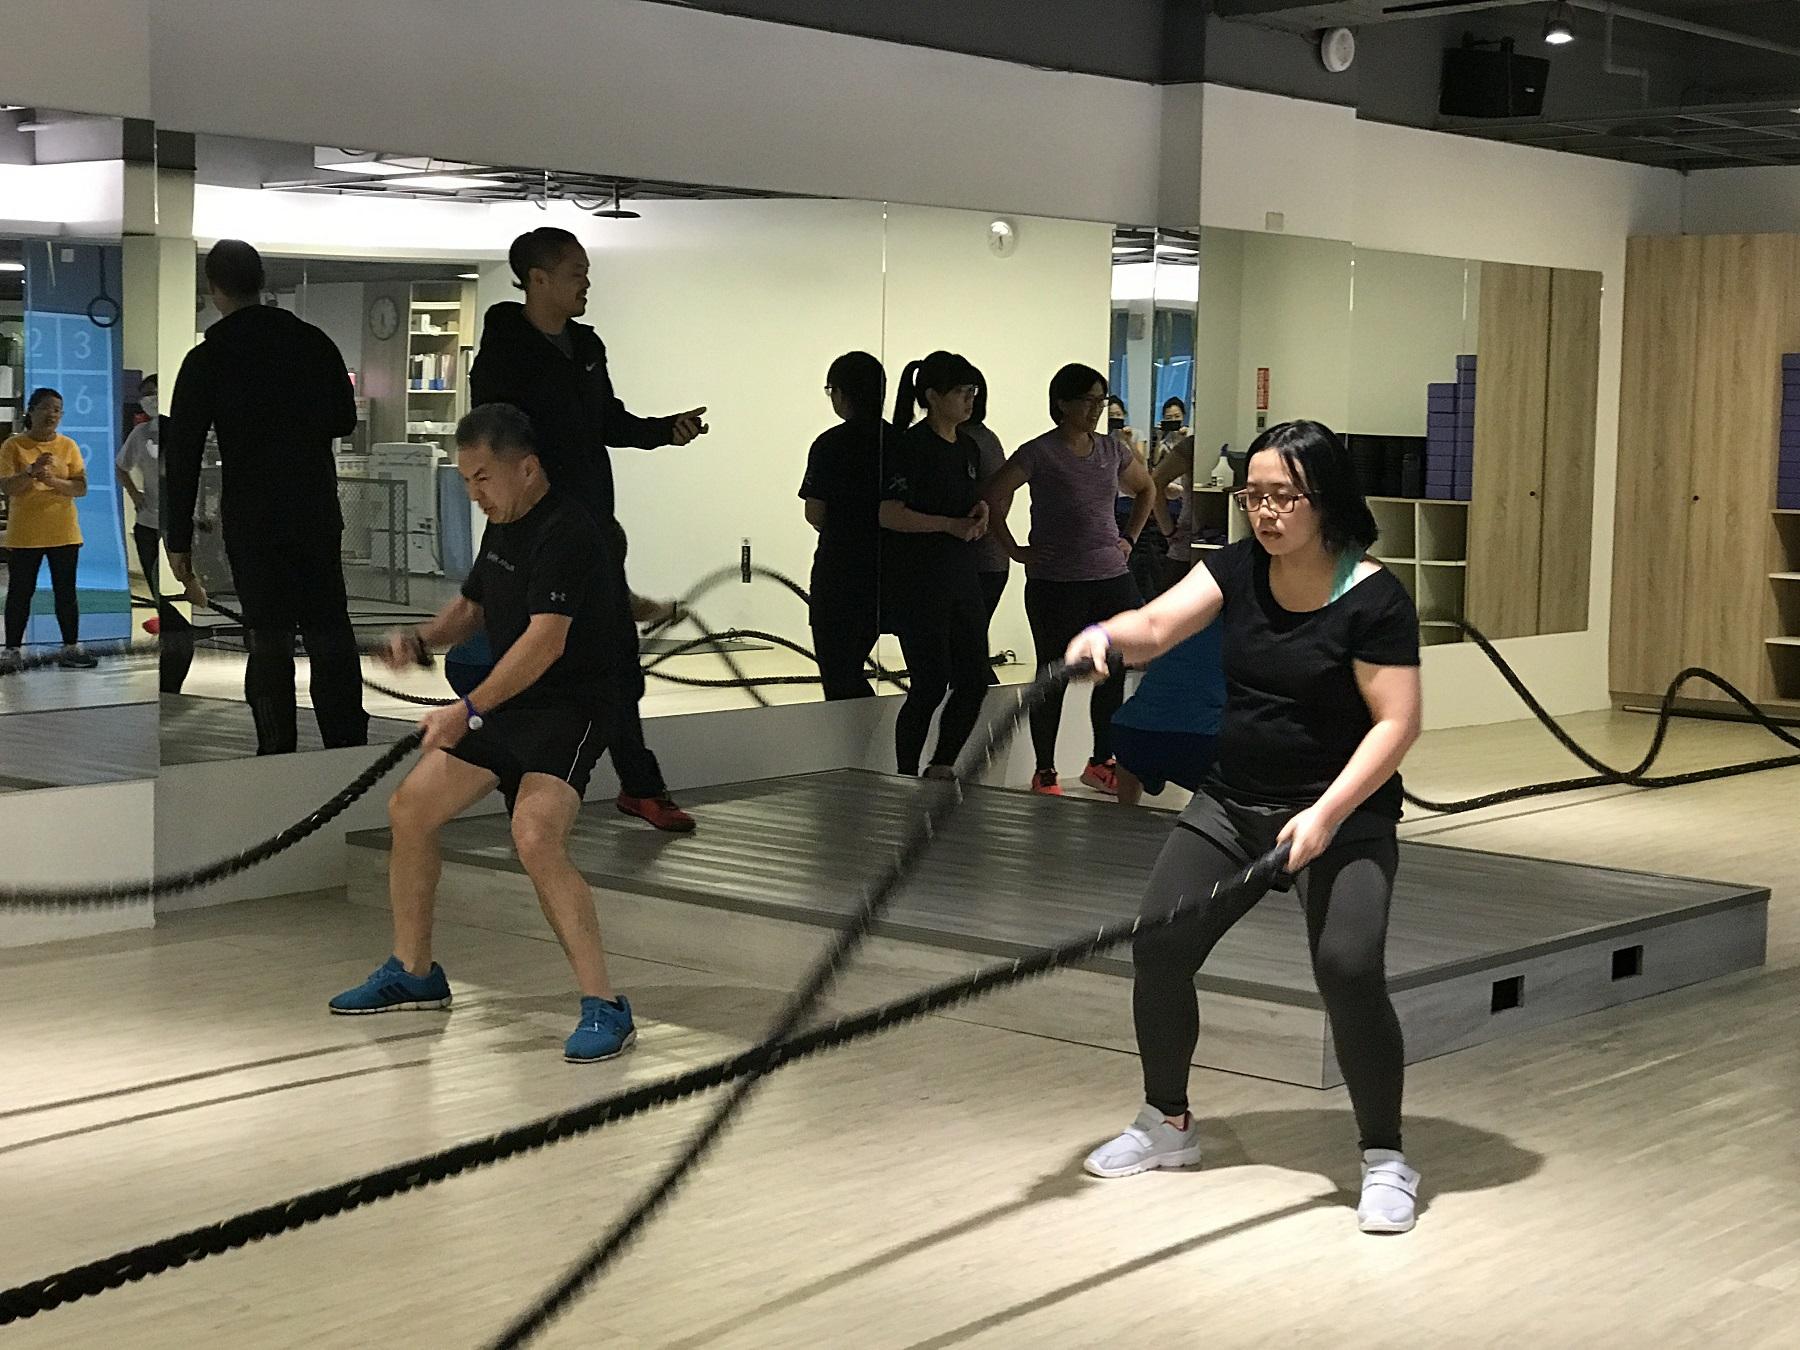 通稿照片5-中原大學也與校外健身房合作,安排專業教練指導戰繩、美式肌力訓練等課程,強化肌力並雕塑體態.JPG